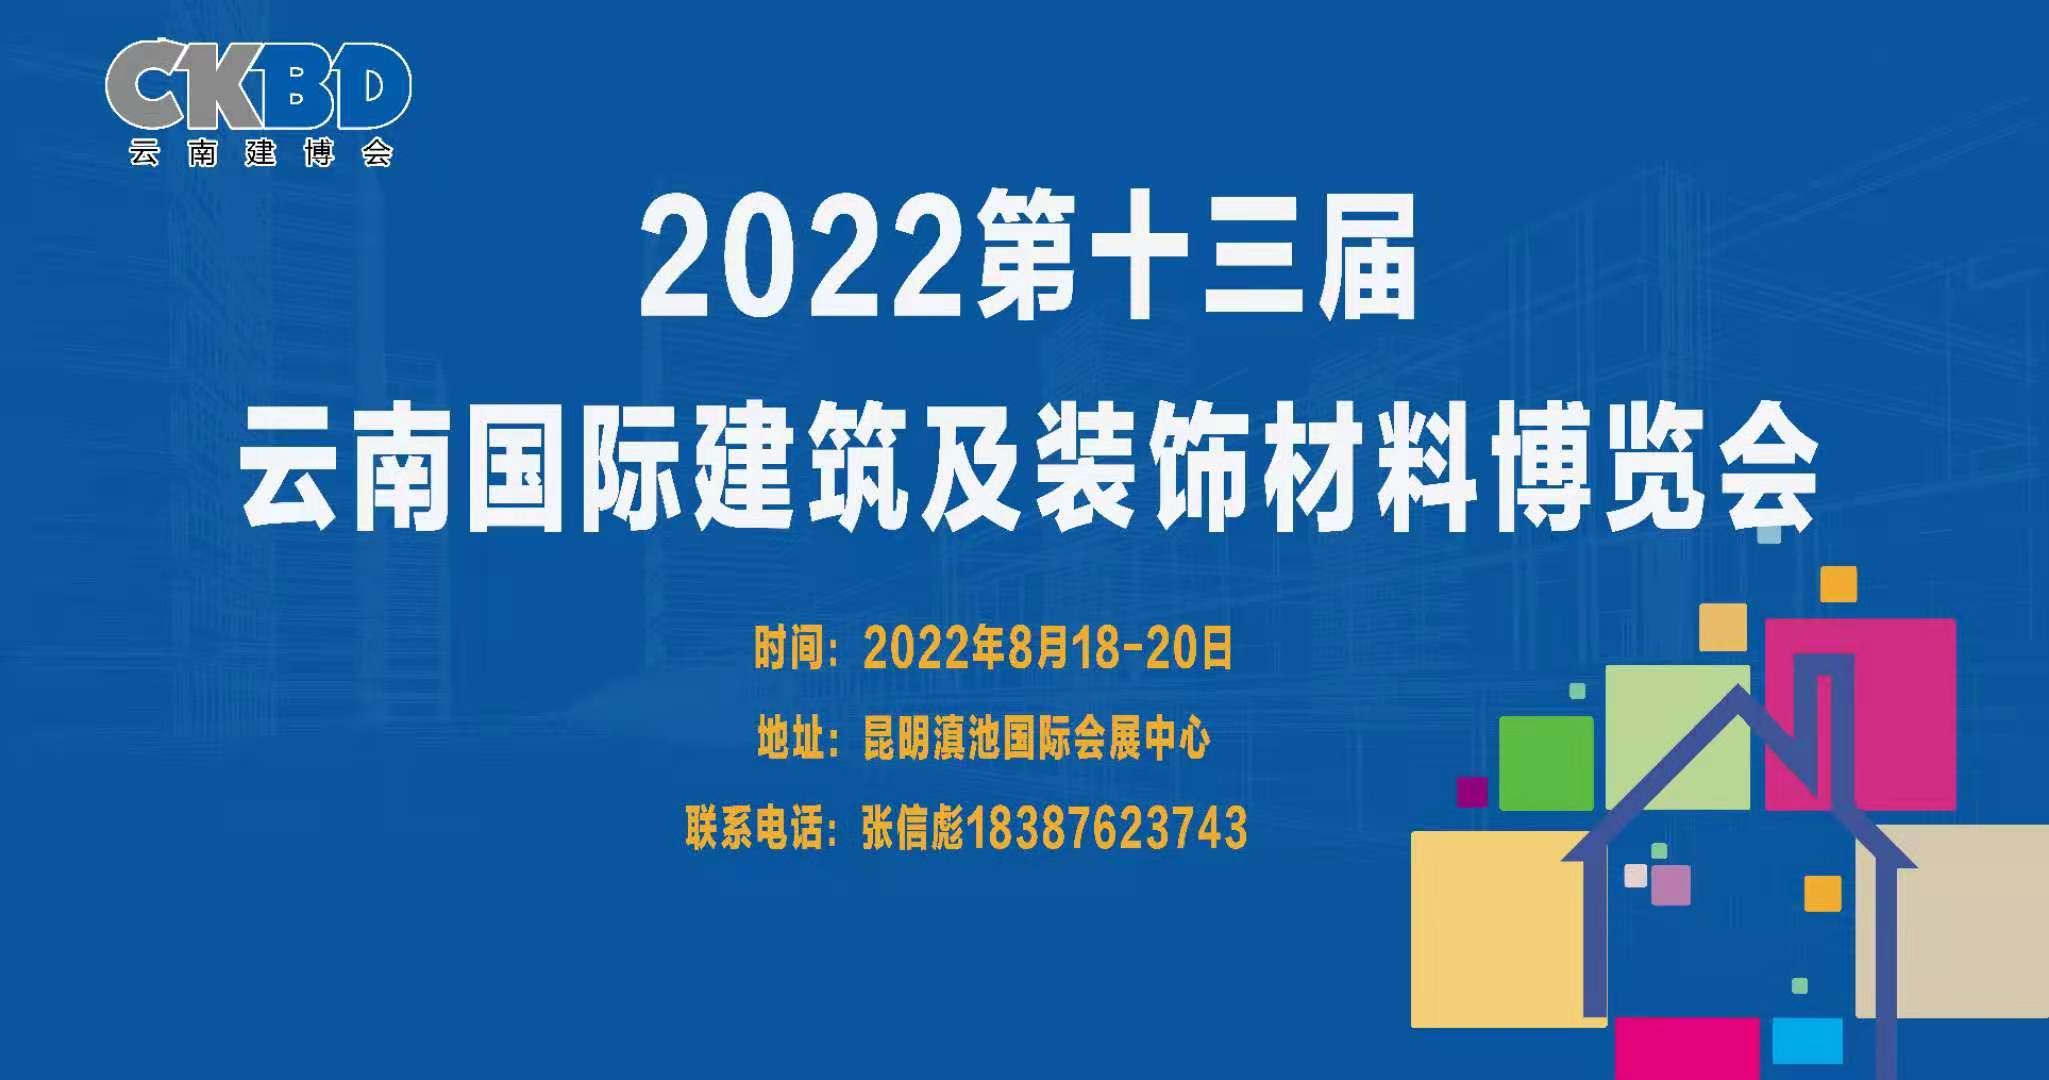 http://jr1test.oss-cn-beijing.aliyuncs.com/upload/202109/613976a7057b9.jpg